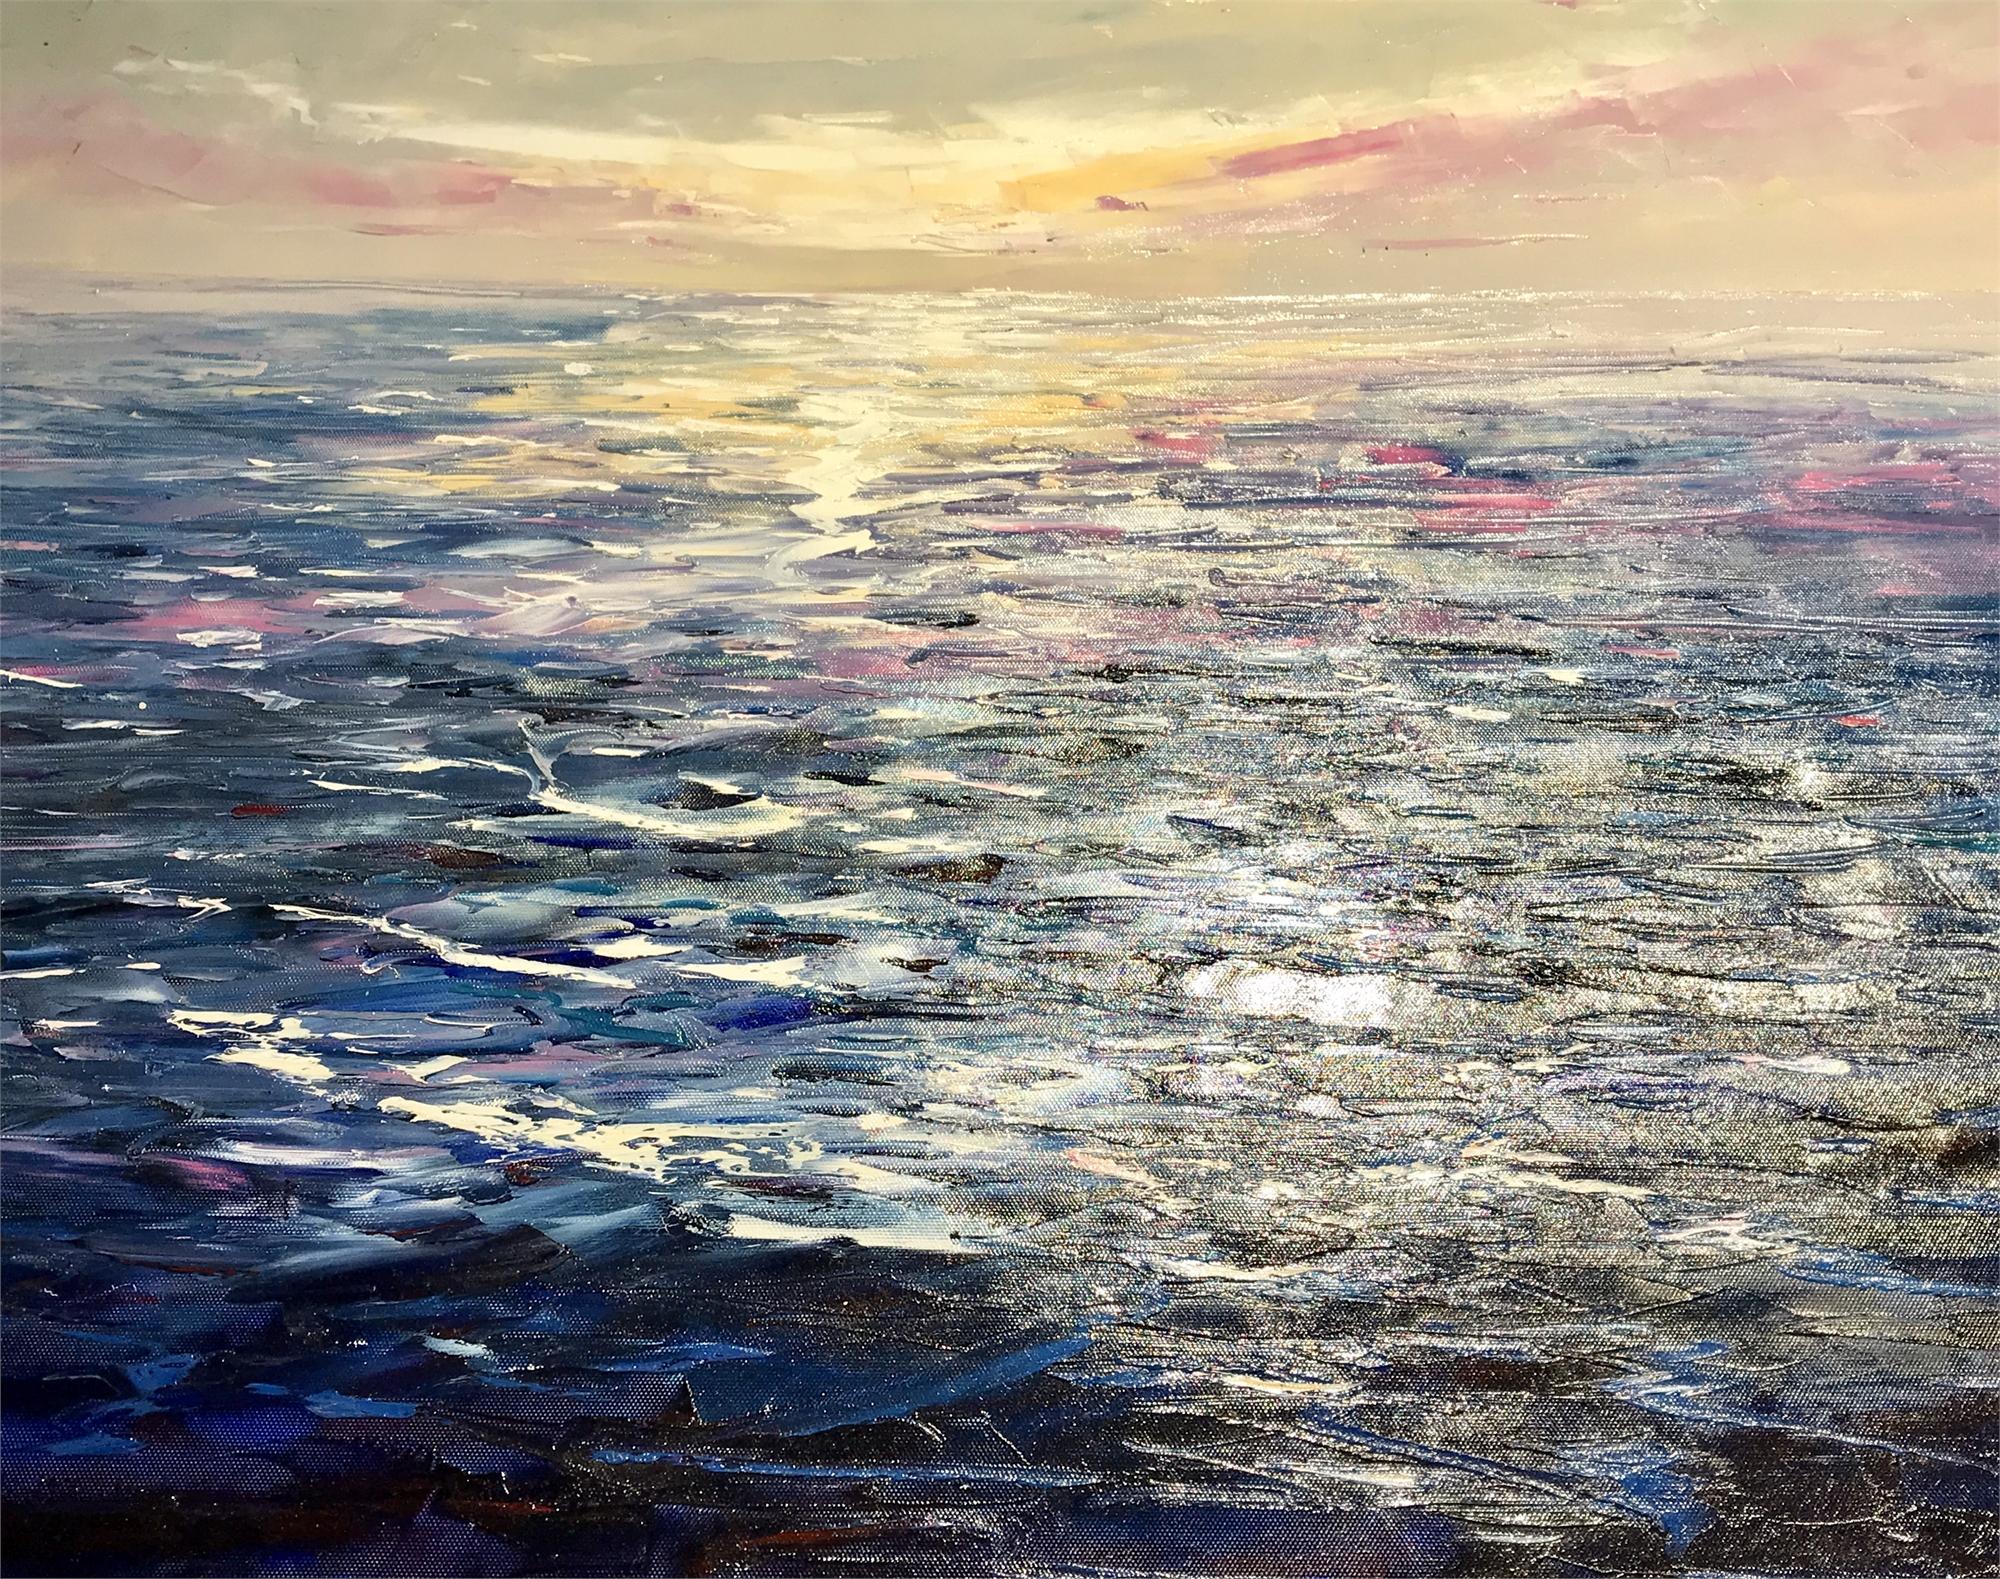 SEASCAPE by PARKER